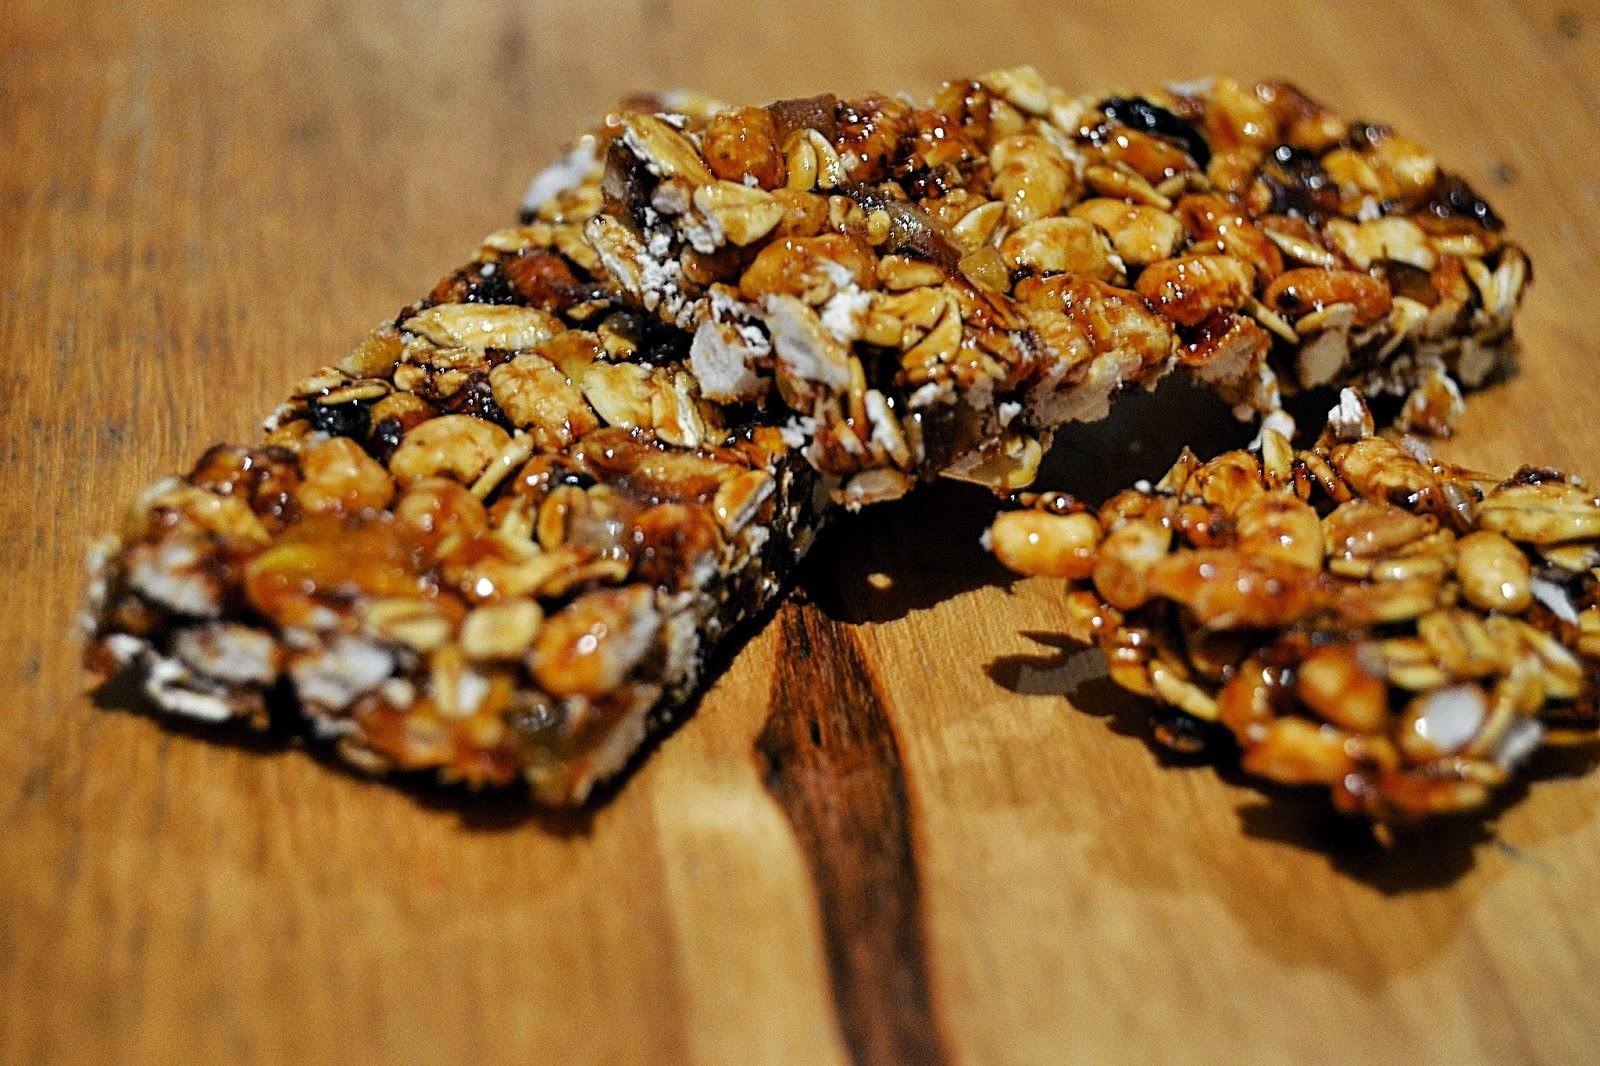 Barritas de cereales casera con avena, arroz inflado, miel y frutas secas